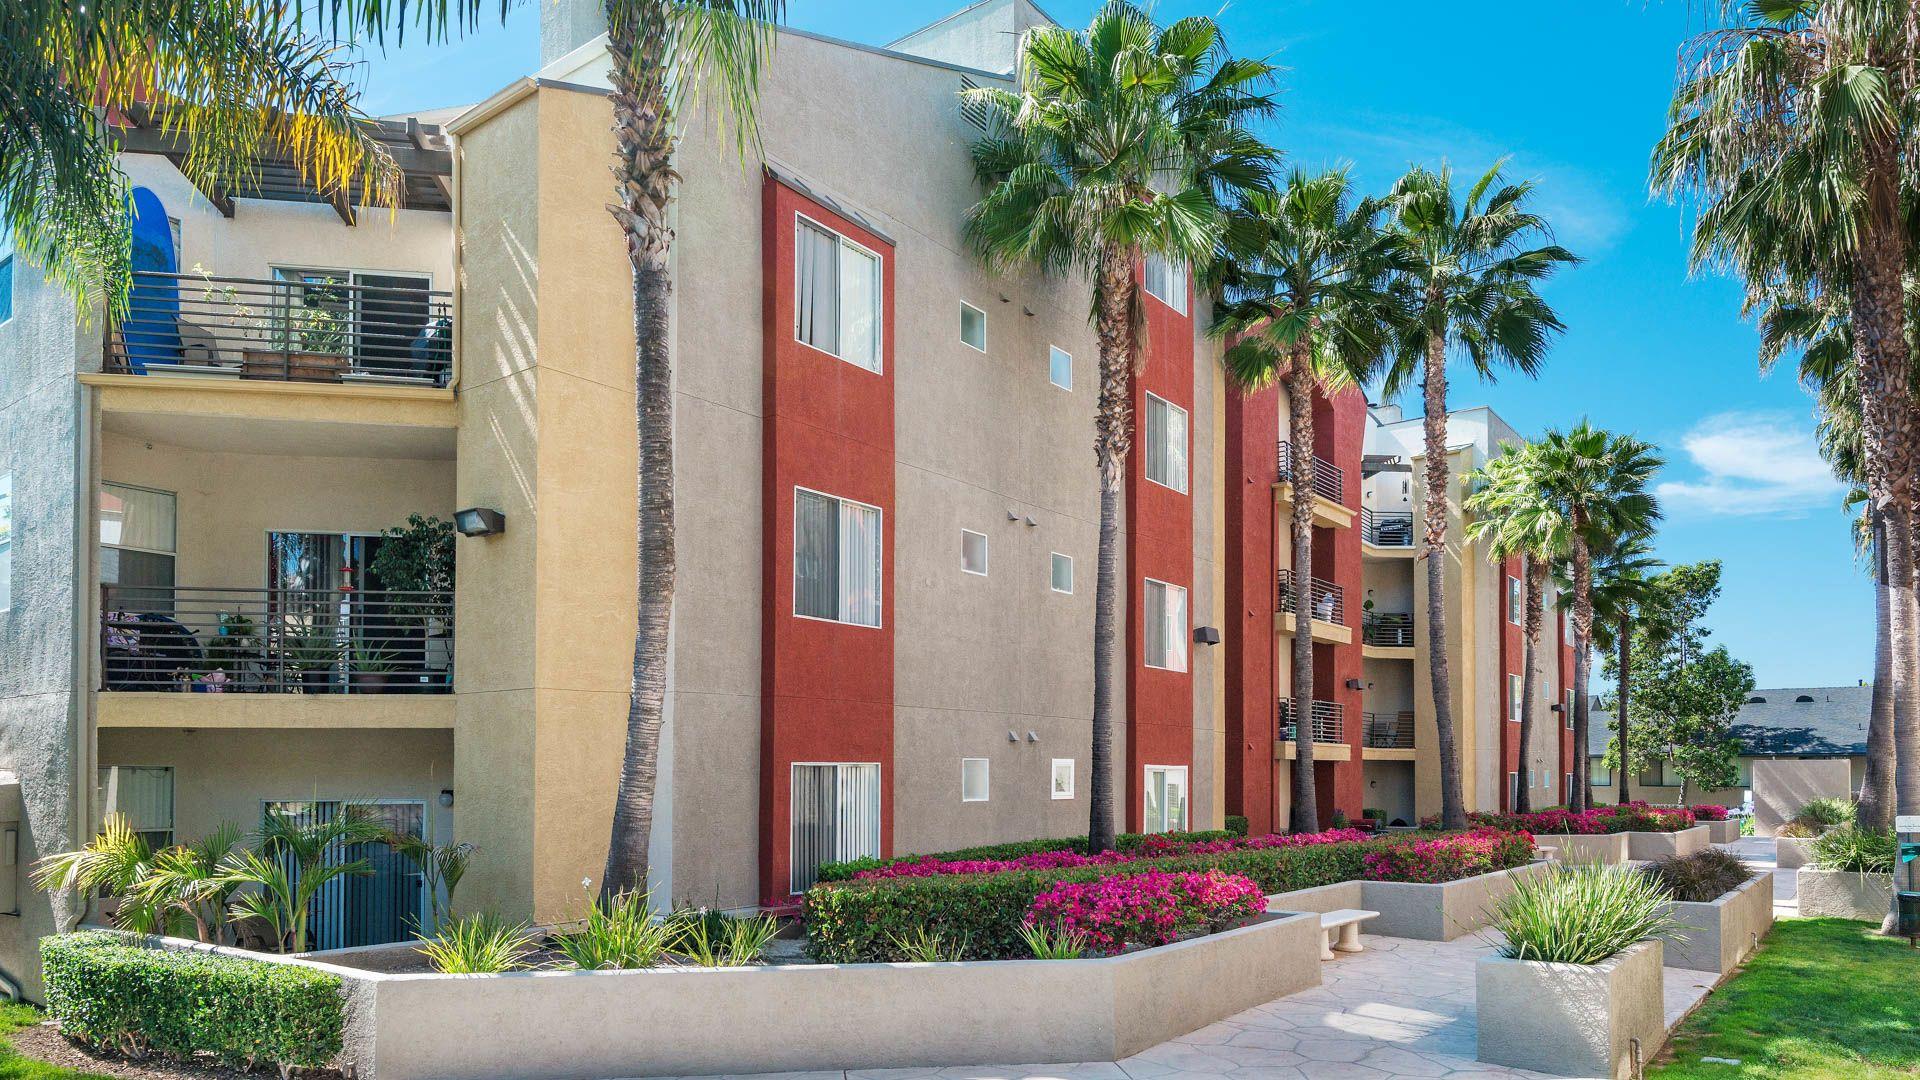 Del Mar Ridge Apartments - Exterior